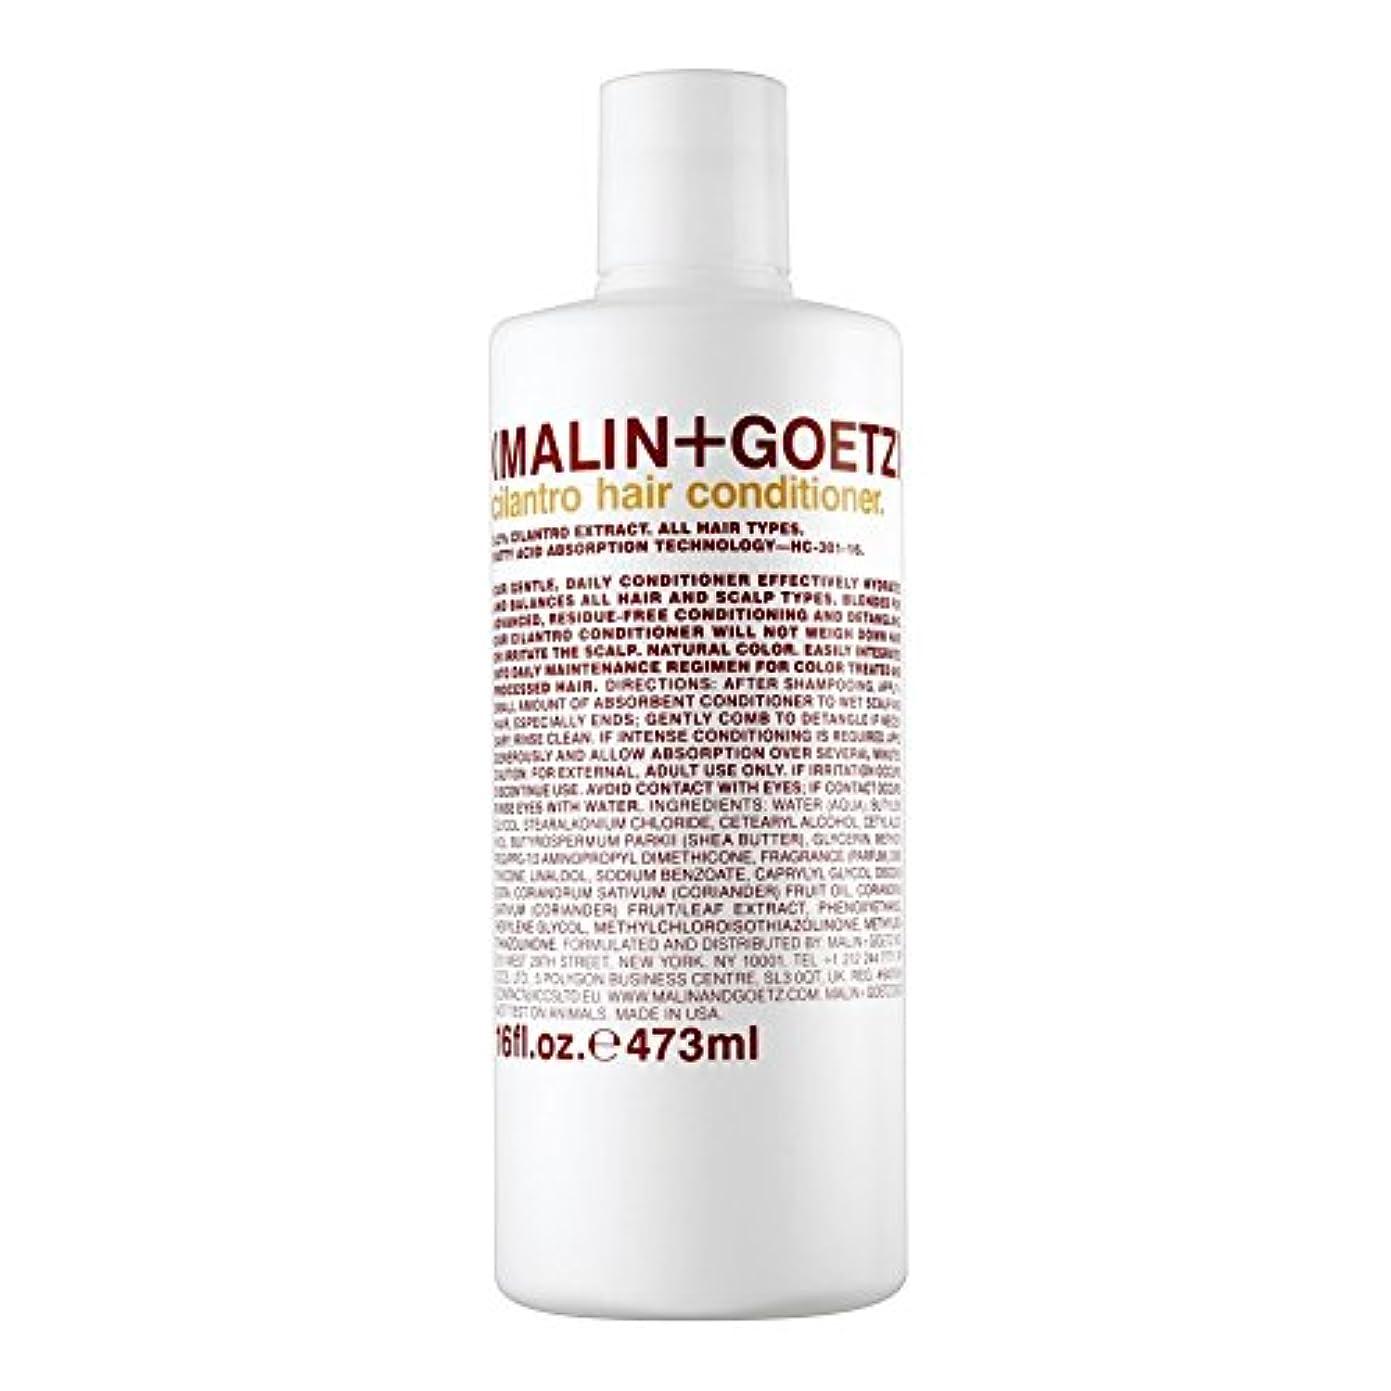 不合格排除するペッカディロMALIN+GOETZ Cilantro Hair Conditioner 473ml (Pack of 6) - マリン+ゲッツコリアンダーのヘアコンディショナー473ミリリットル x6 [並行輸入品]